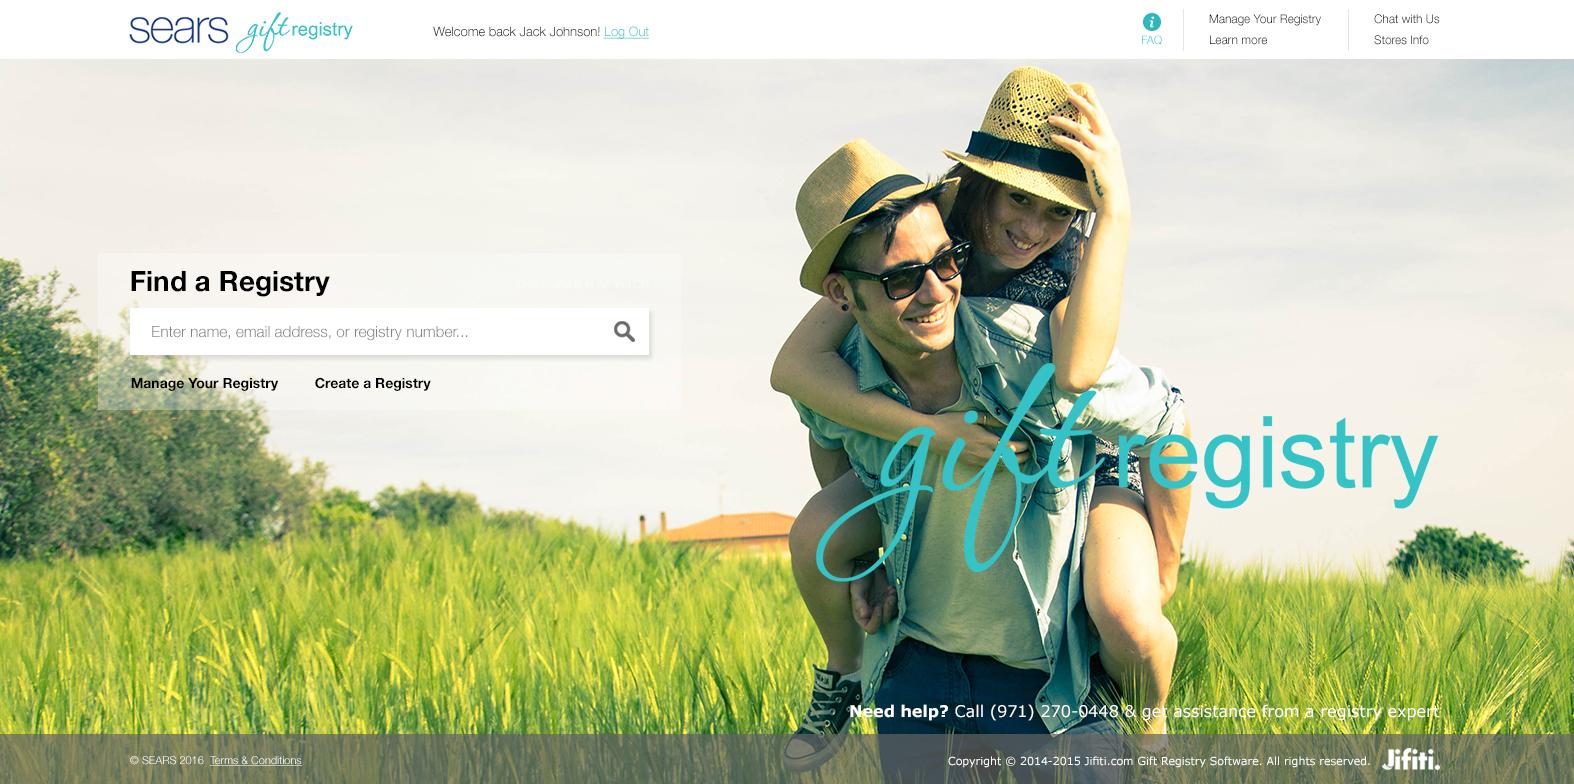 sears_registry_homepage